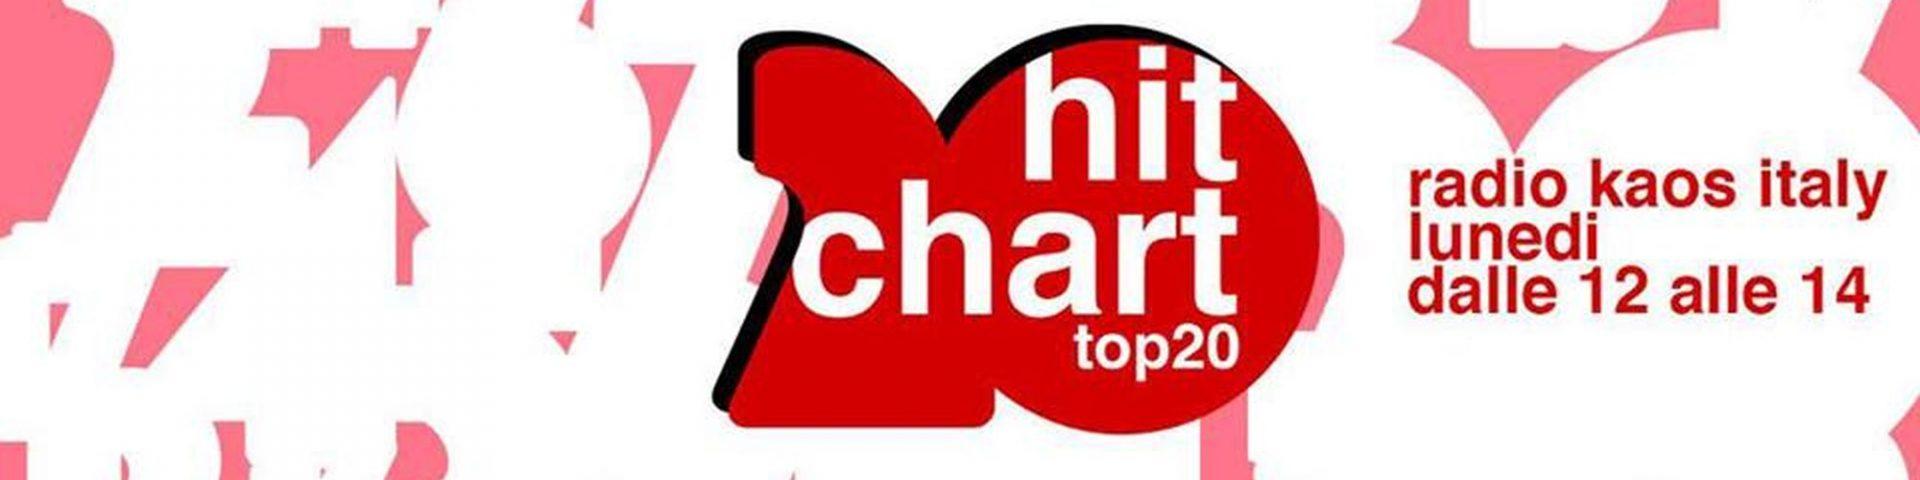 Hit Chart Top 20: la classifica della settimana